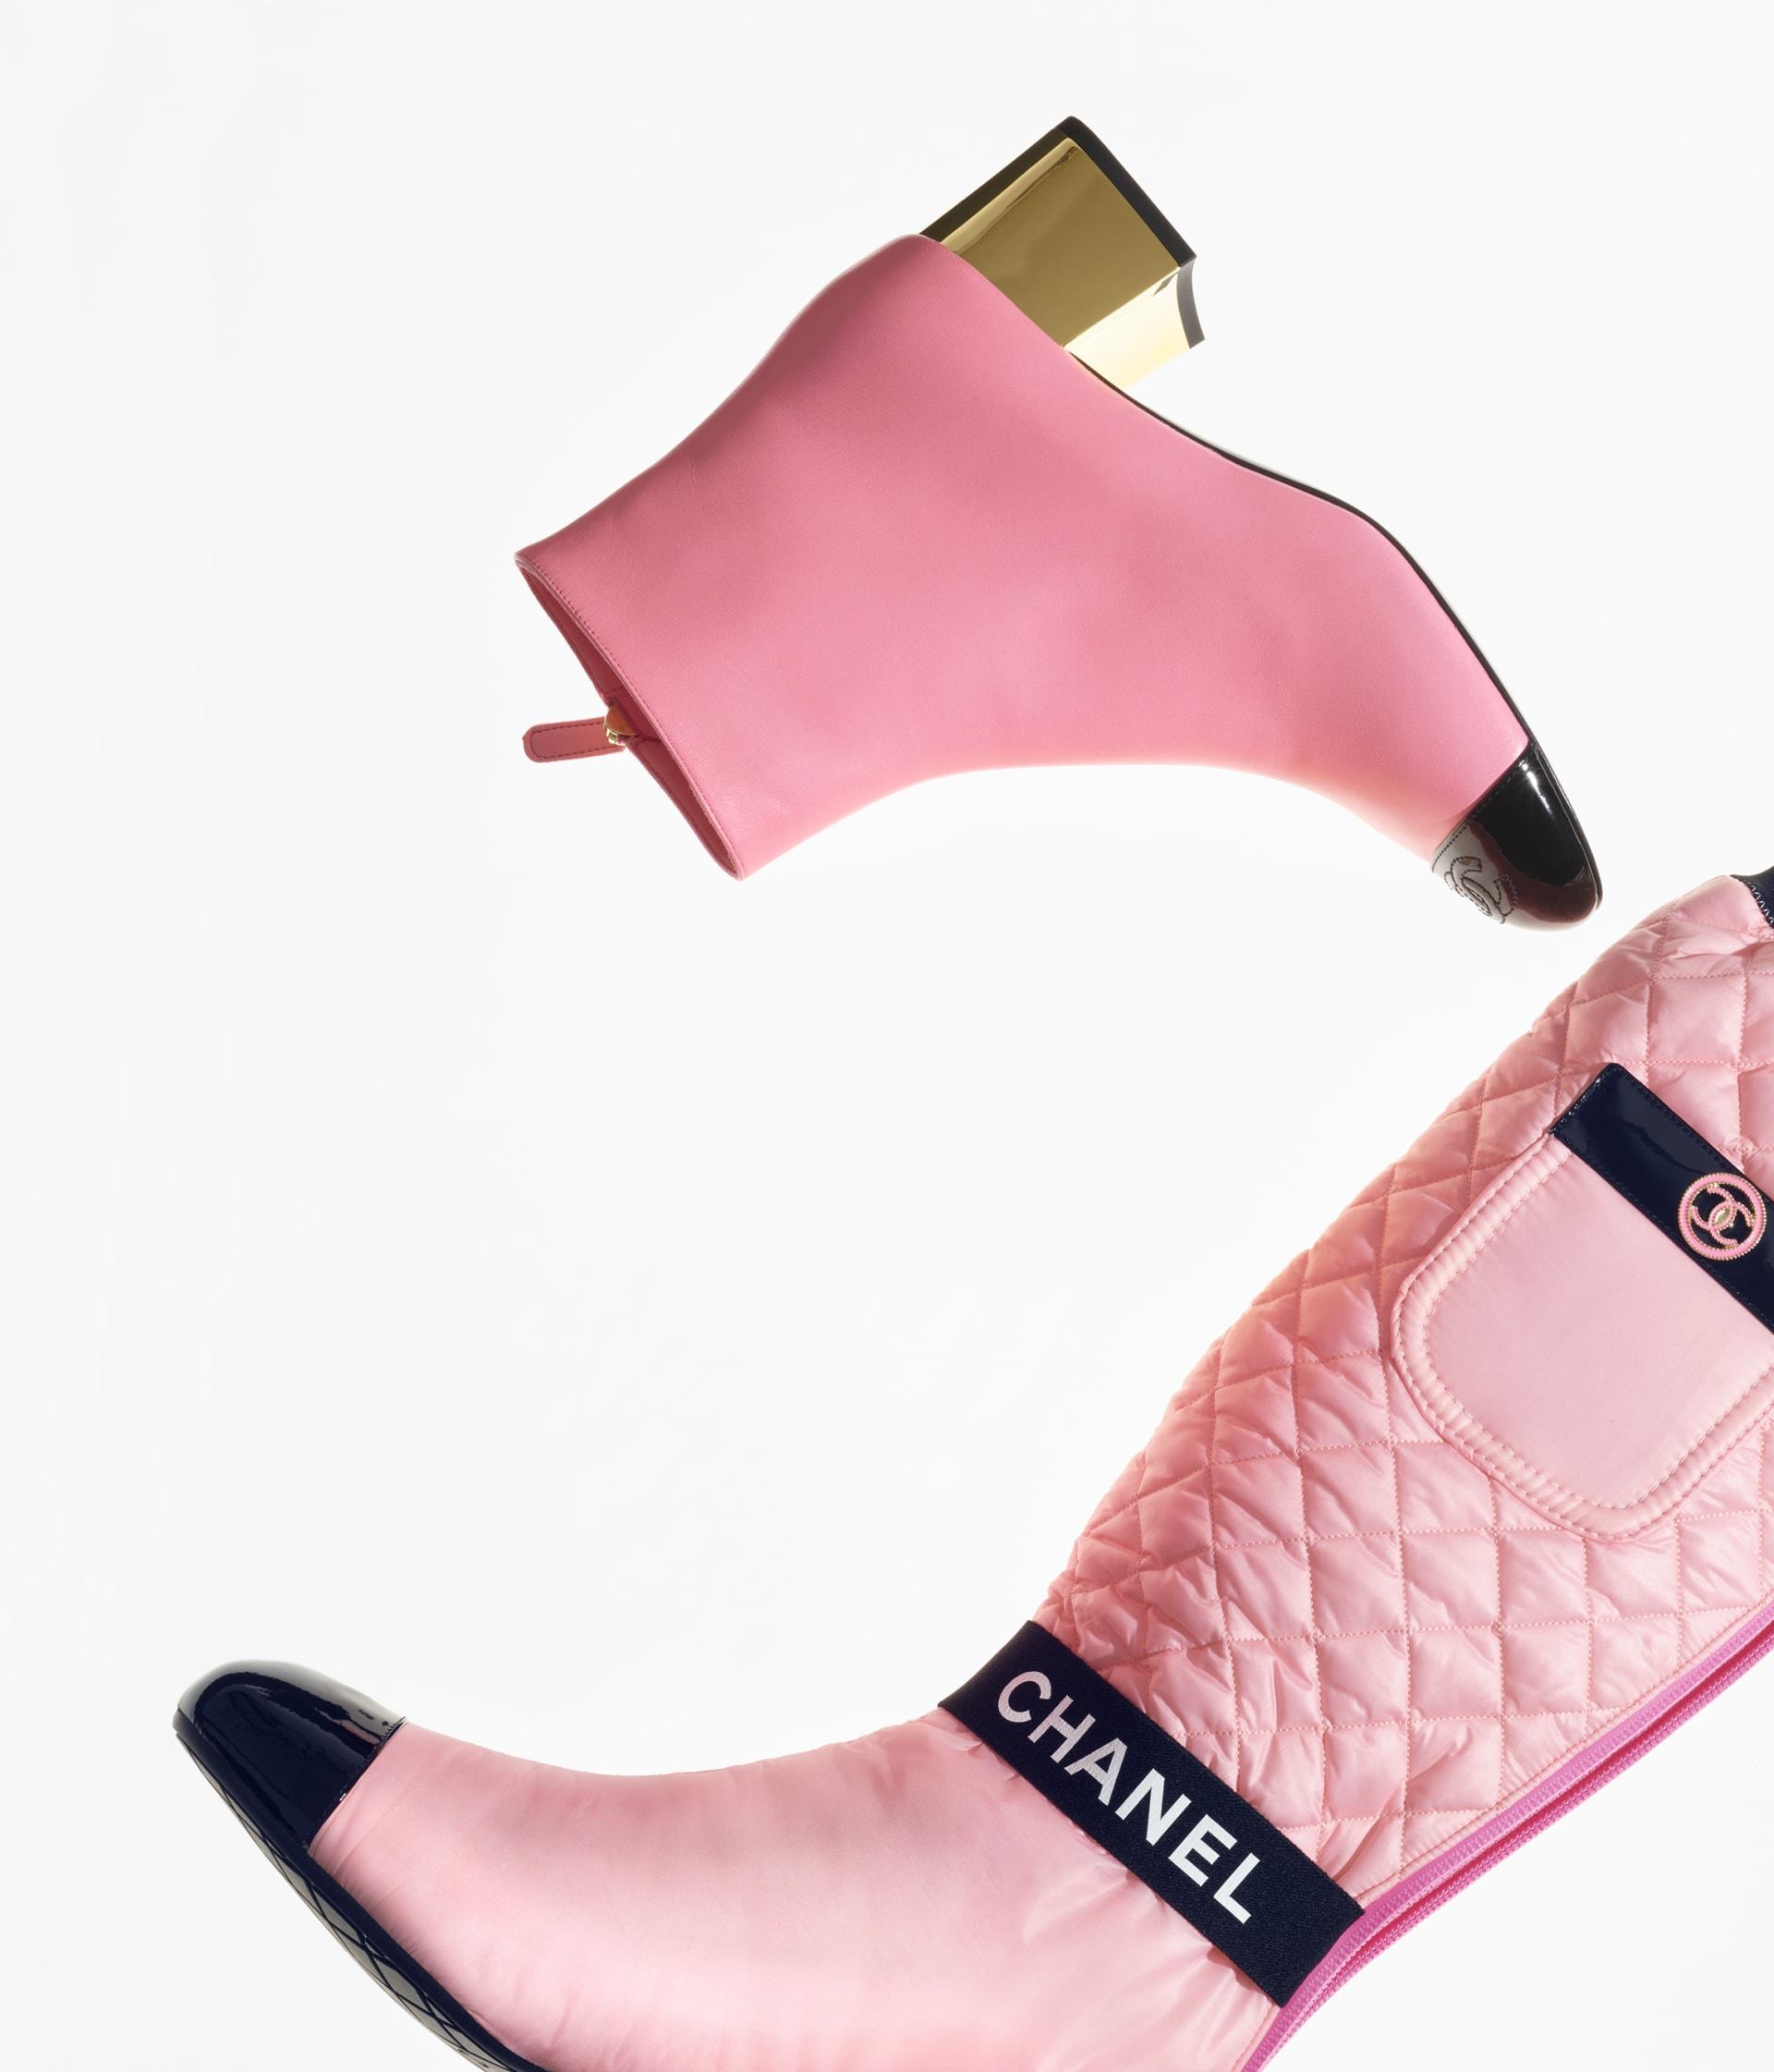 image 3 - High Boots - Mixed Fibers, Lambskin & Patent Calfskin - Light Pink, Pink & Black